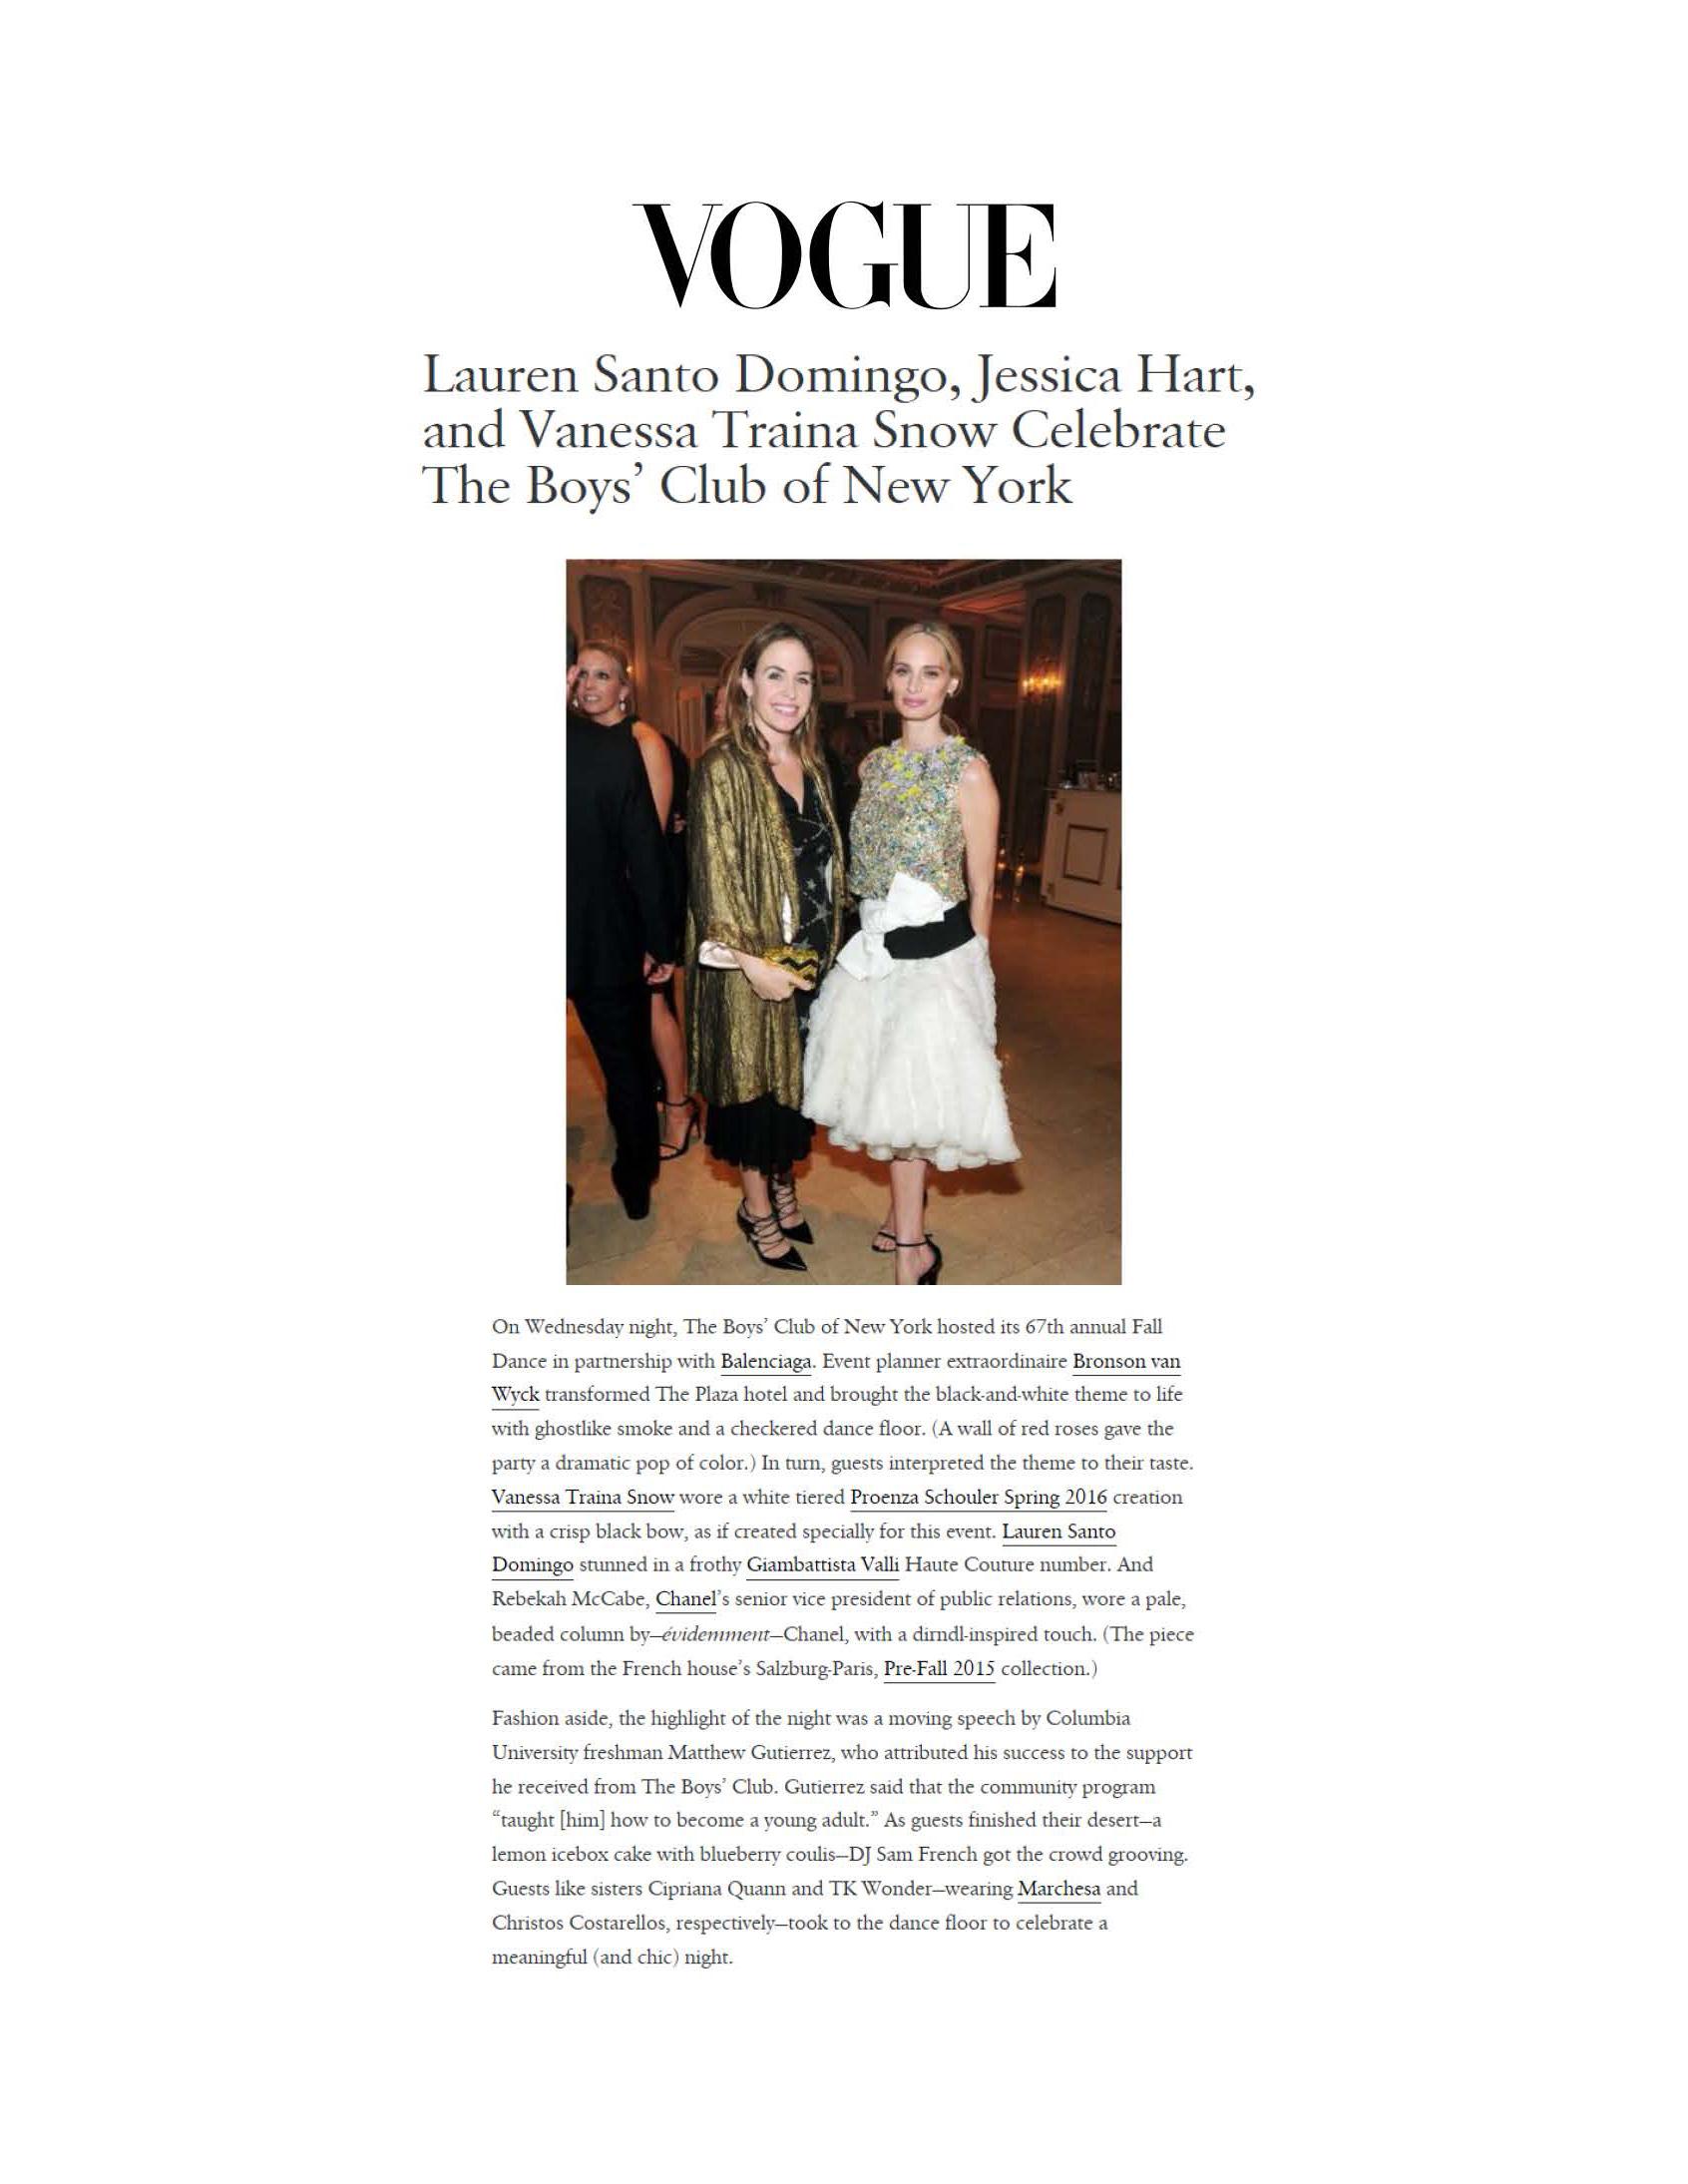 Vogue_Boys'Club_10.29.15 - edit 4.jpg